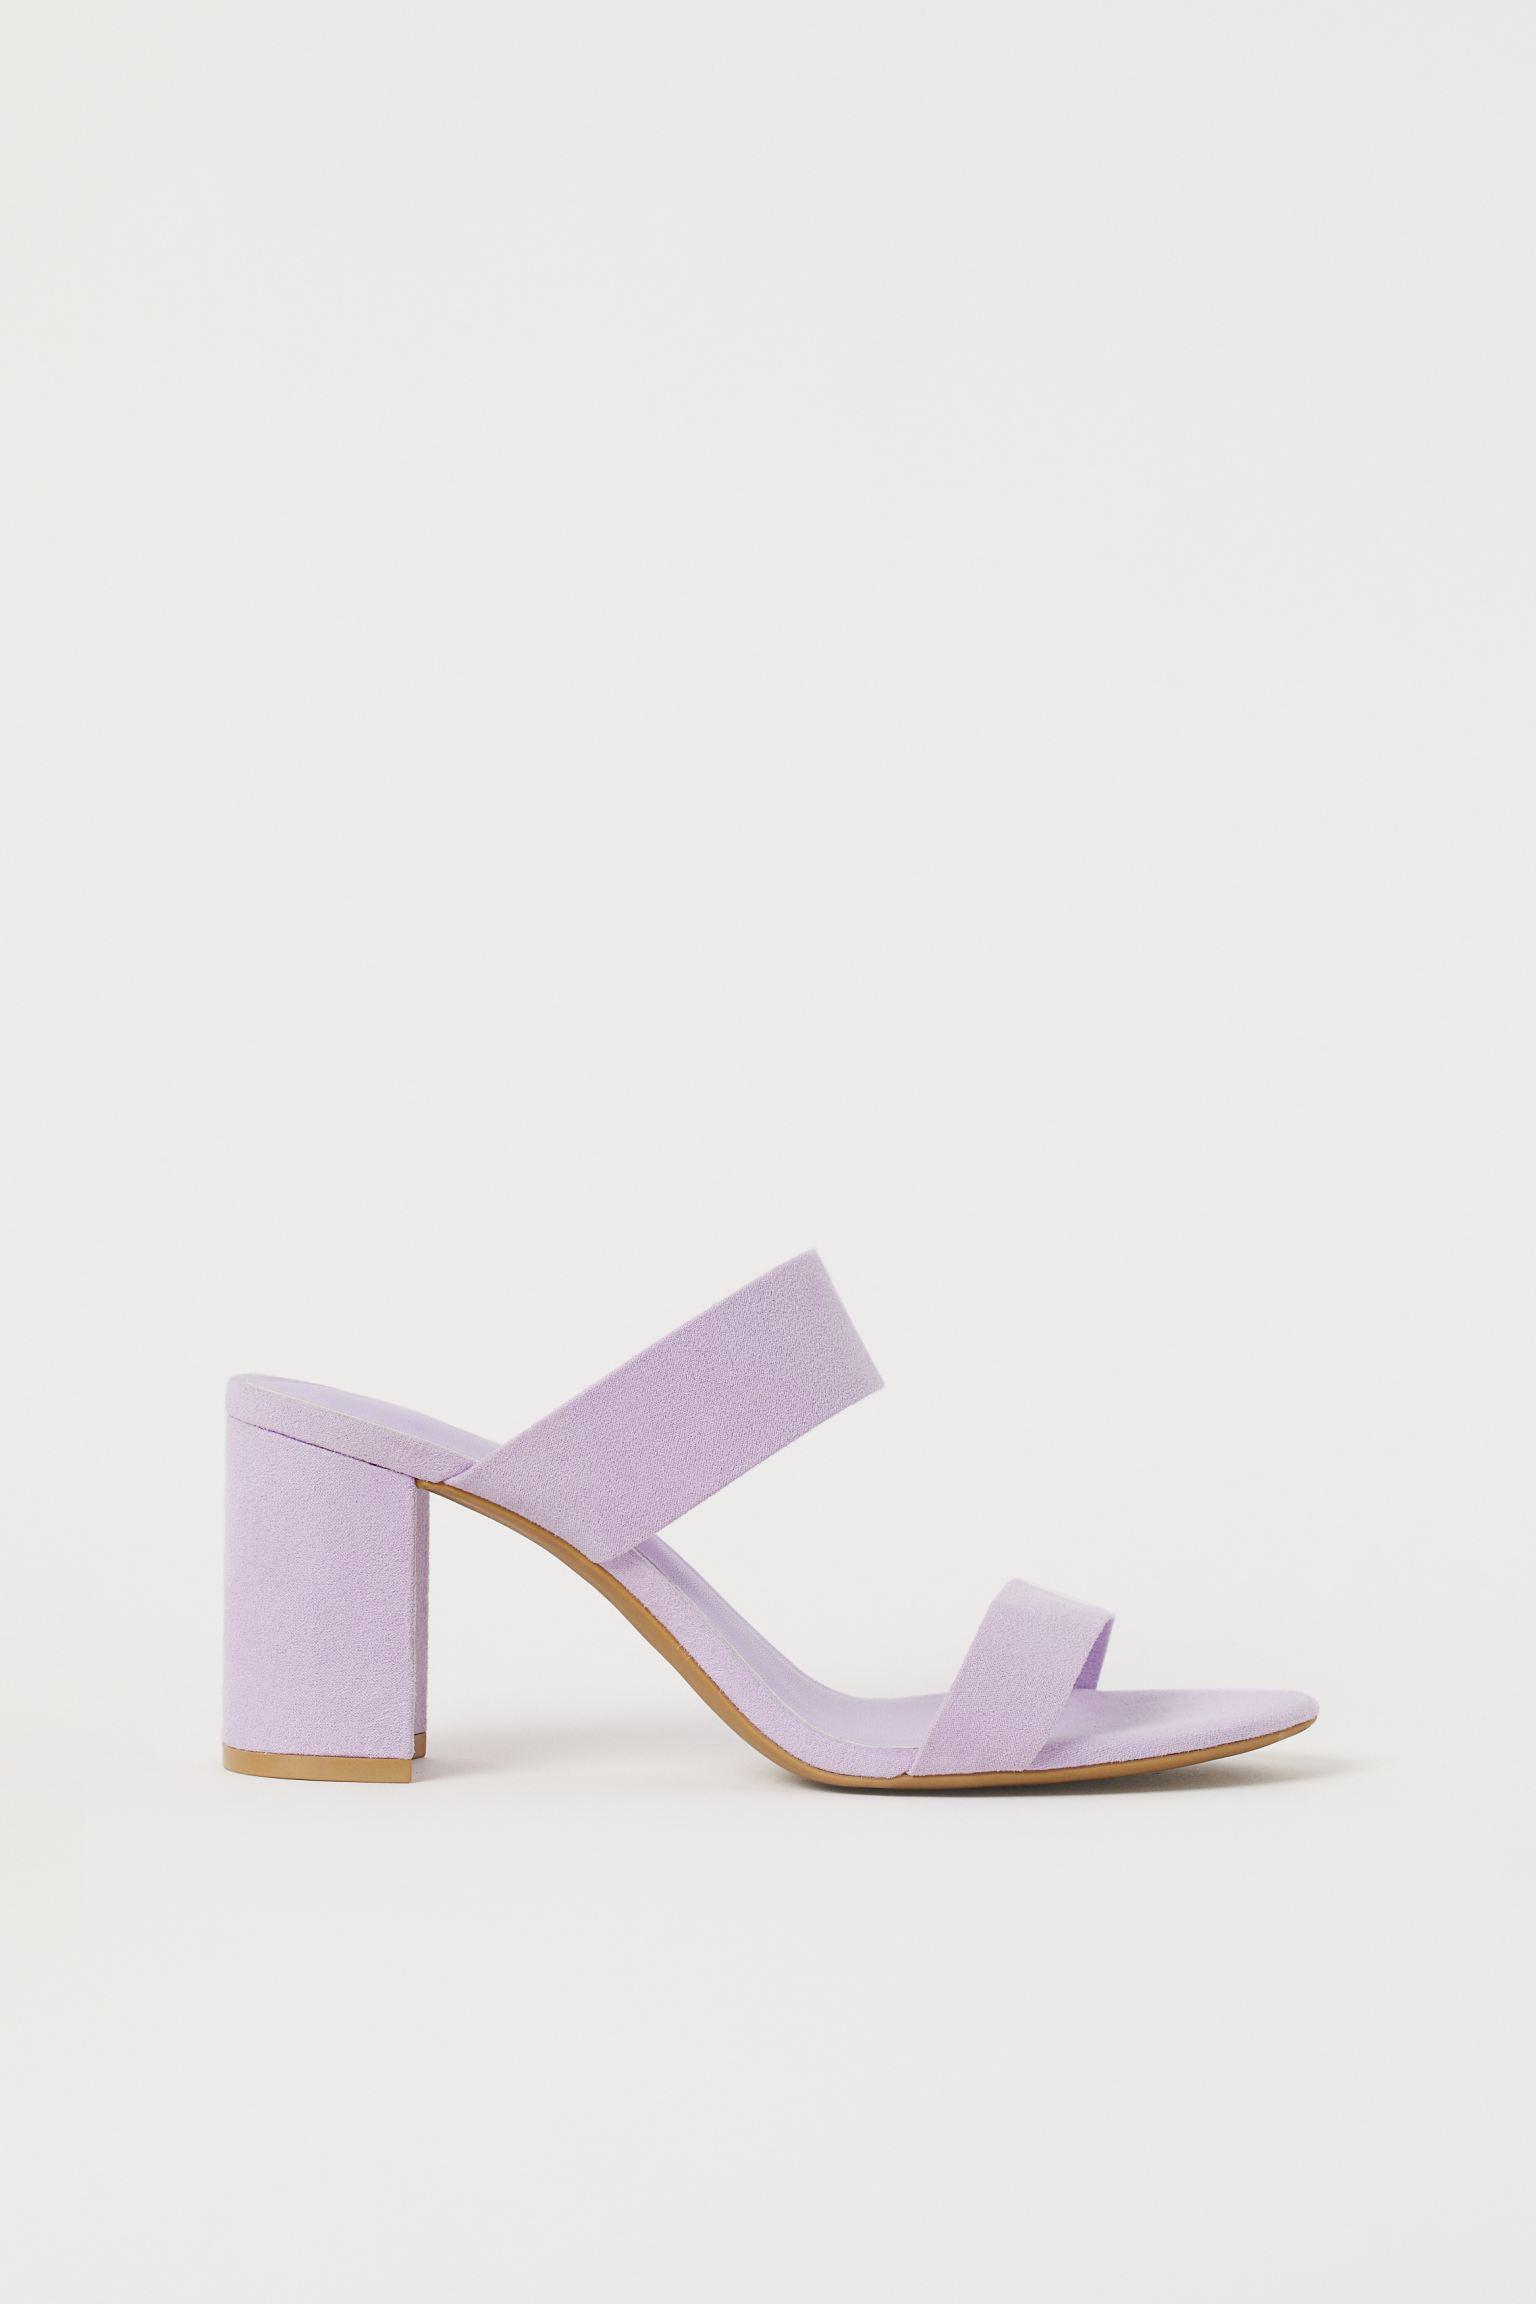 Sandalias con tacón grueso lila